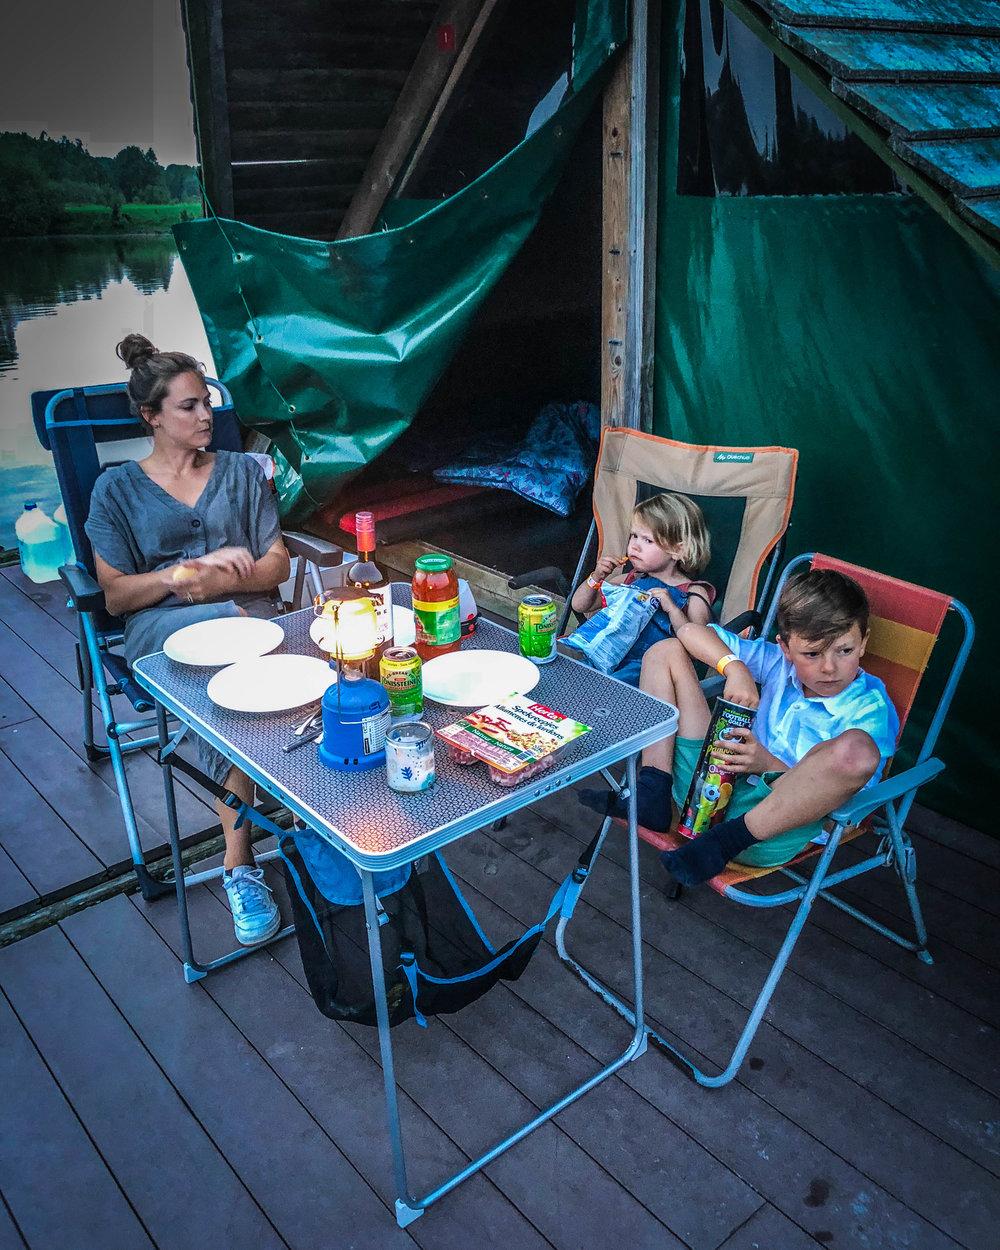 eten op kampeervlot